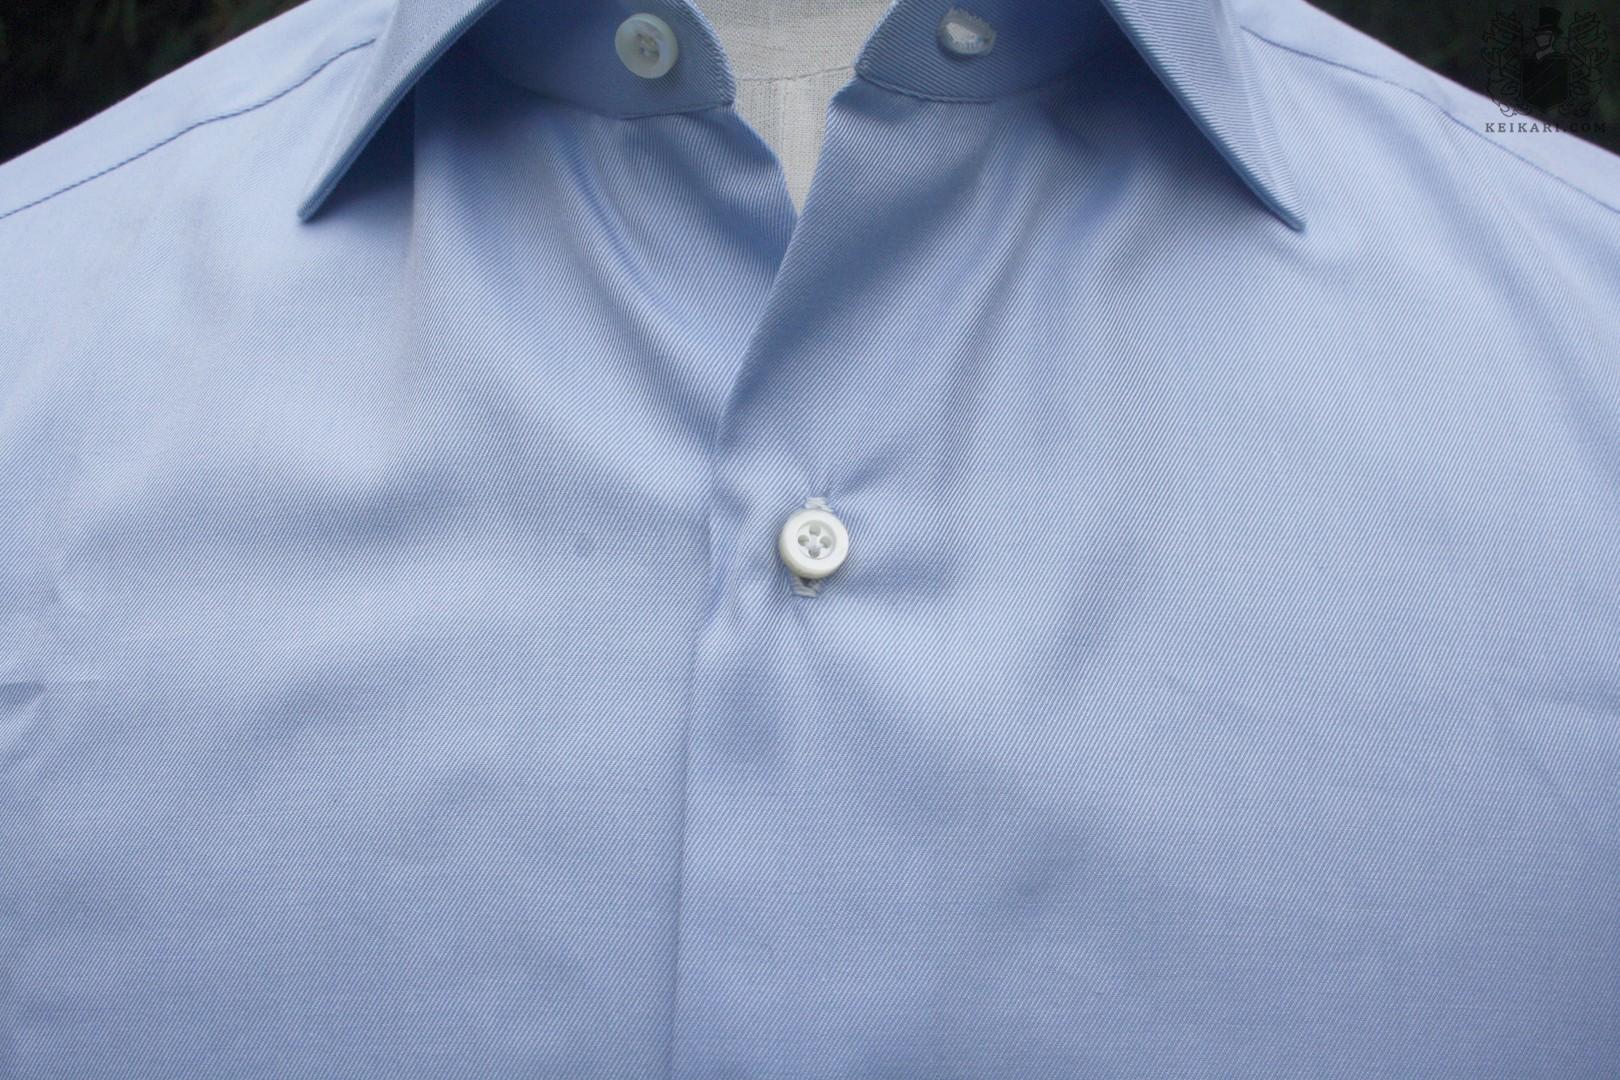 Anatomy_of_an_Isaia_shirt_at_Keikari_dot_com04